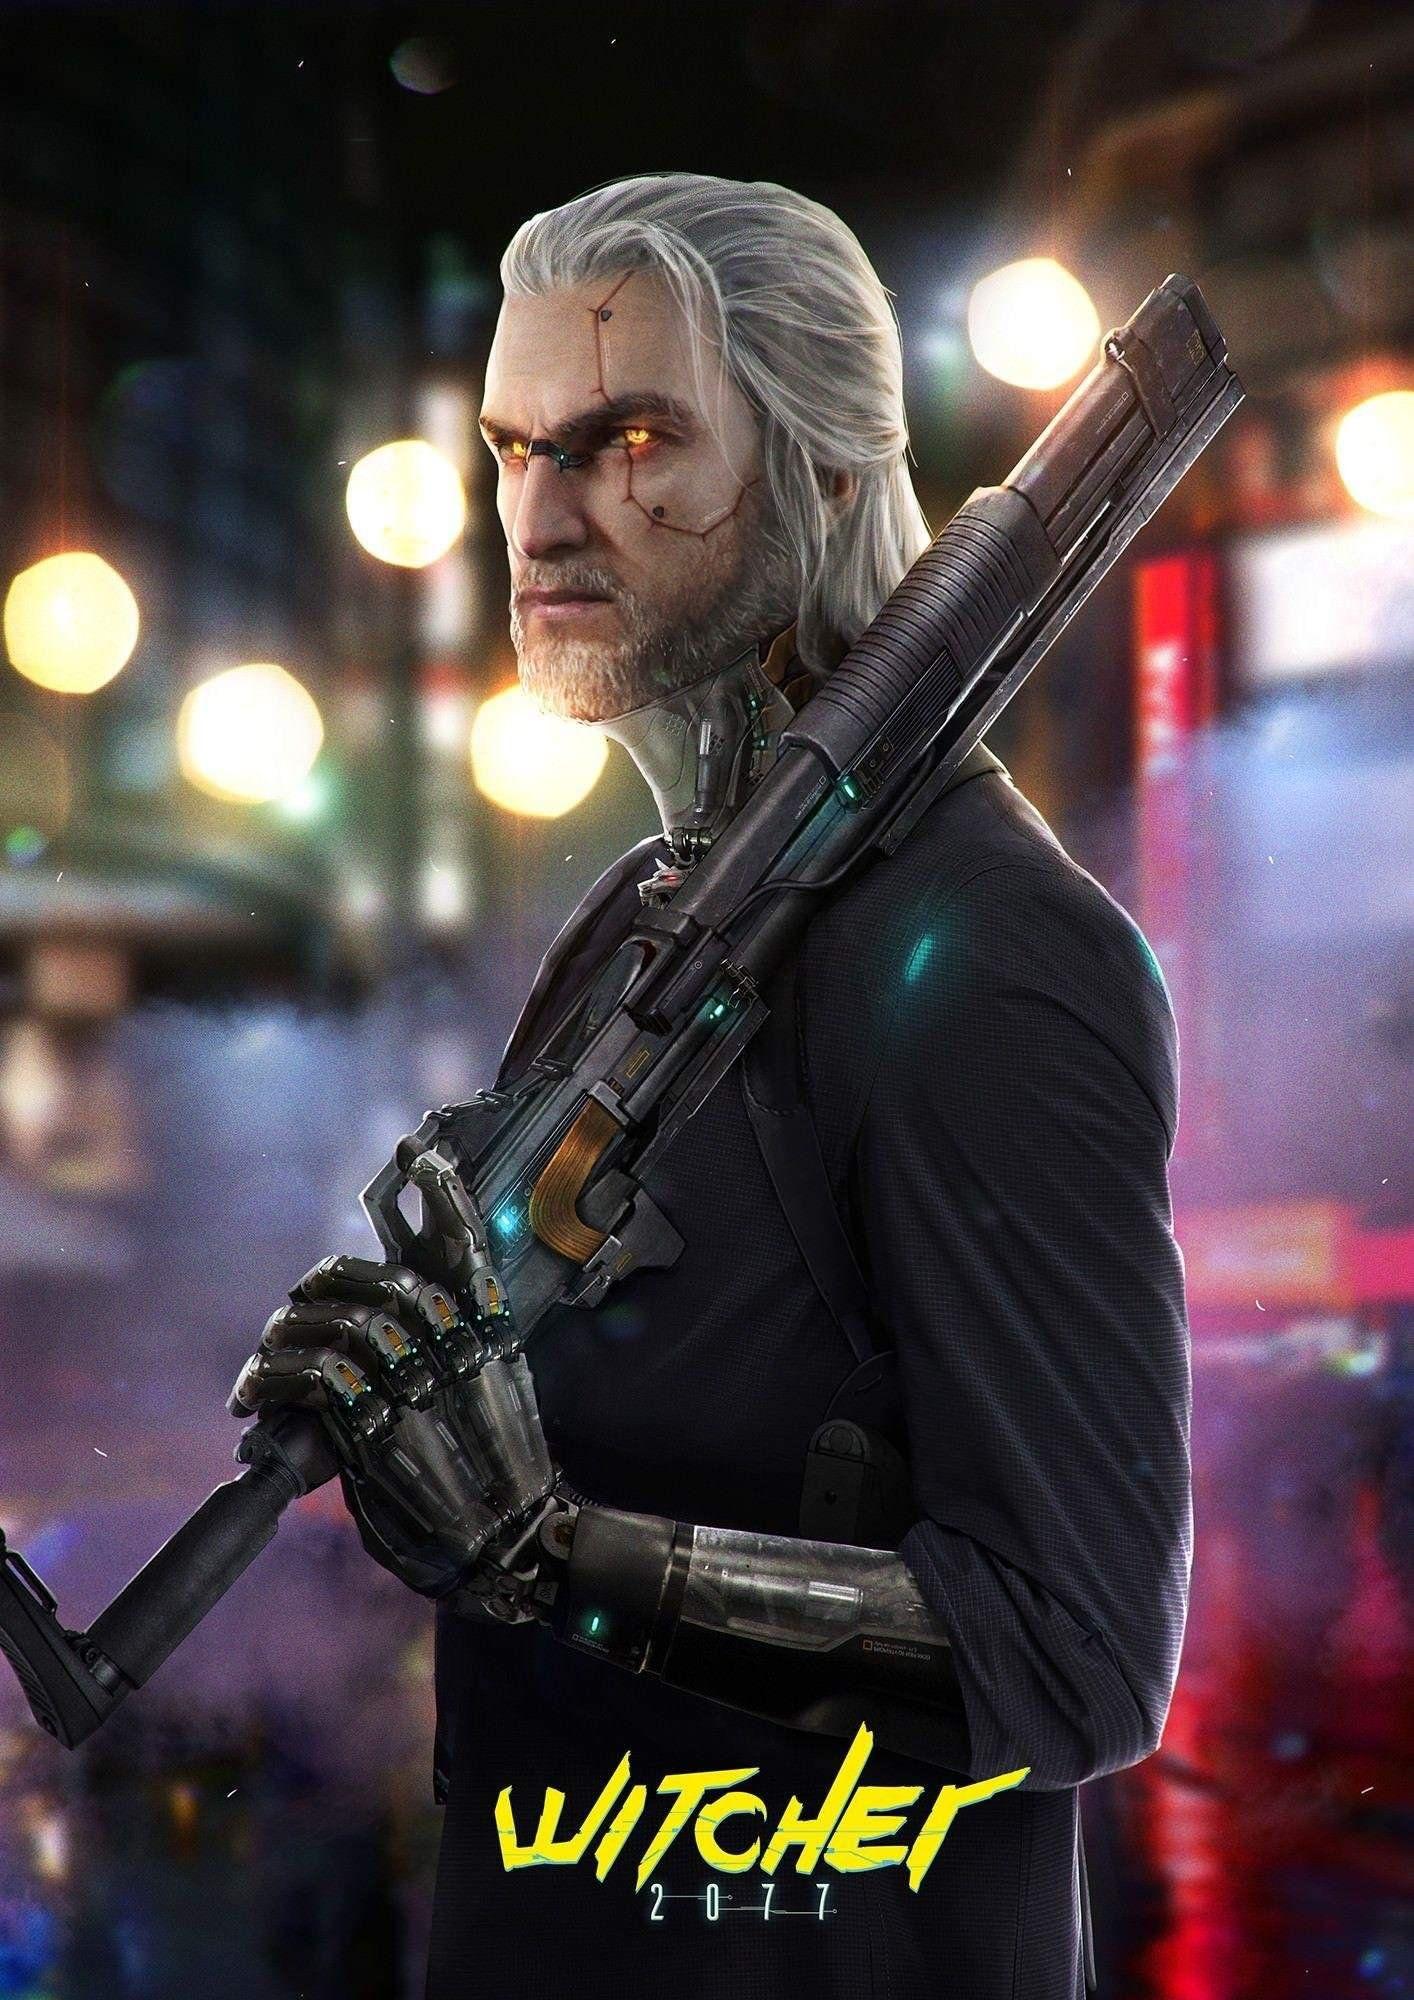 Cyberpunk Geralt Cyberpunk, Cyberpunk character